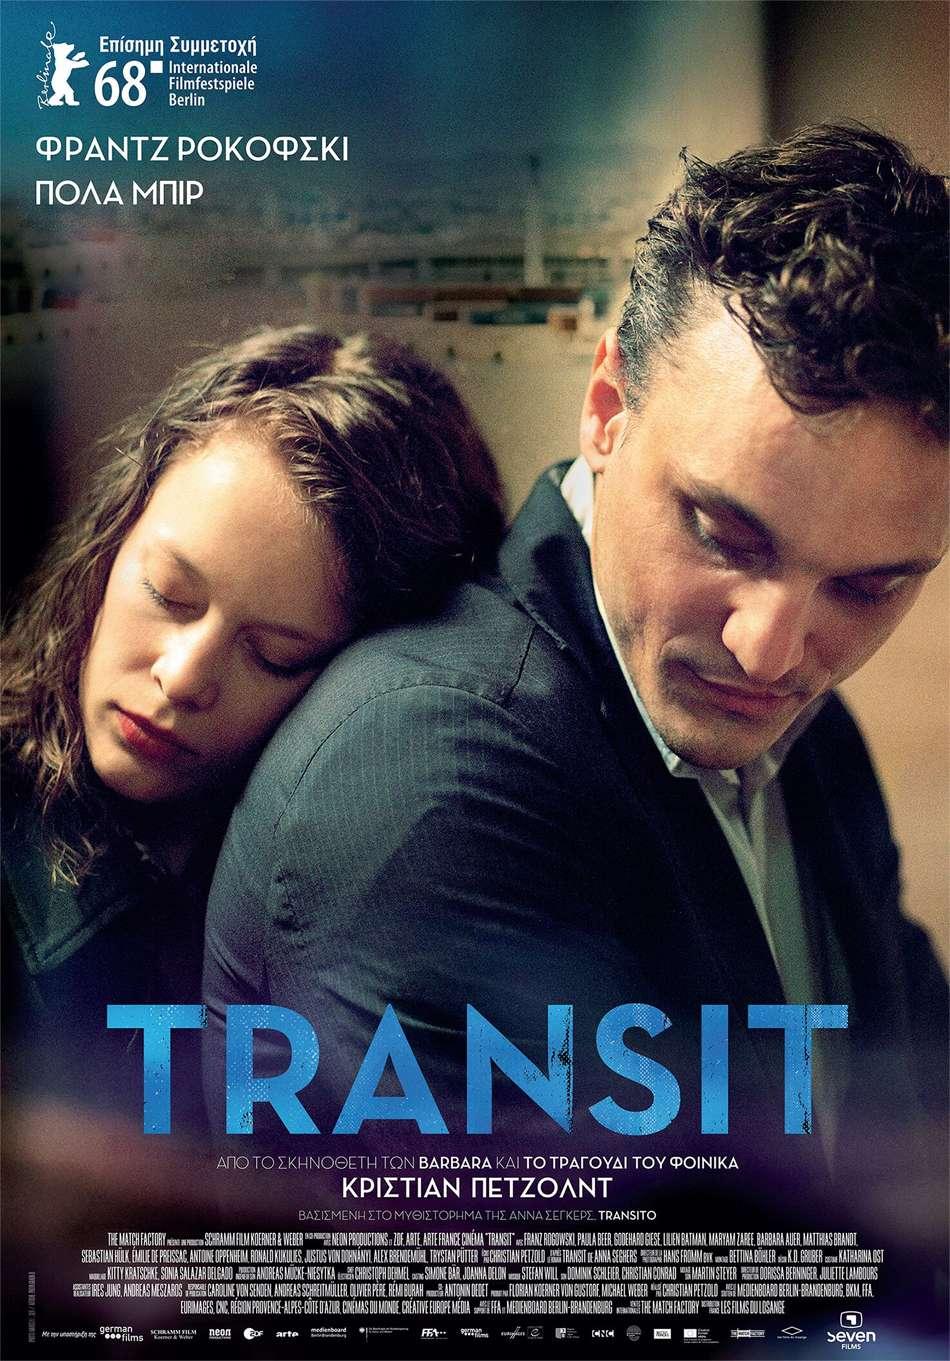 Transit Poster Πόστερ